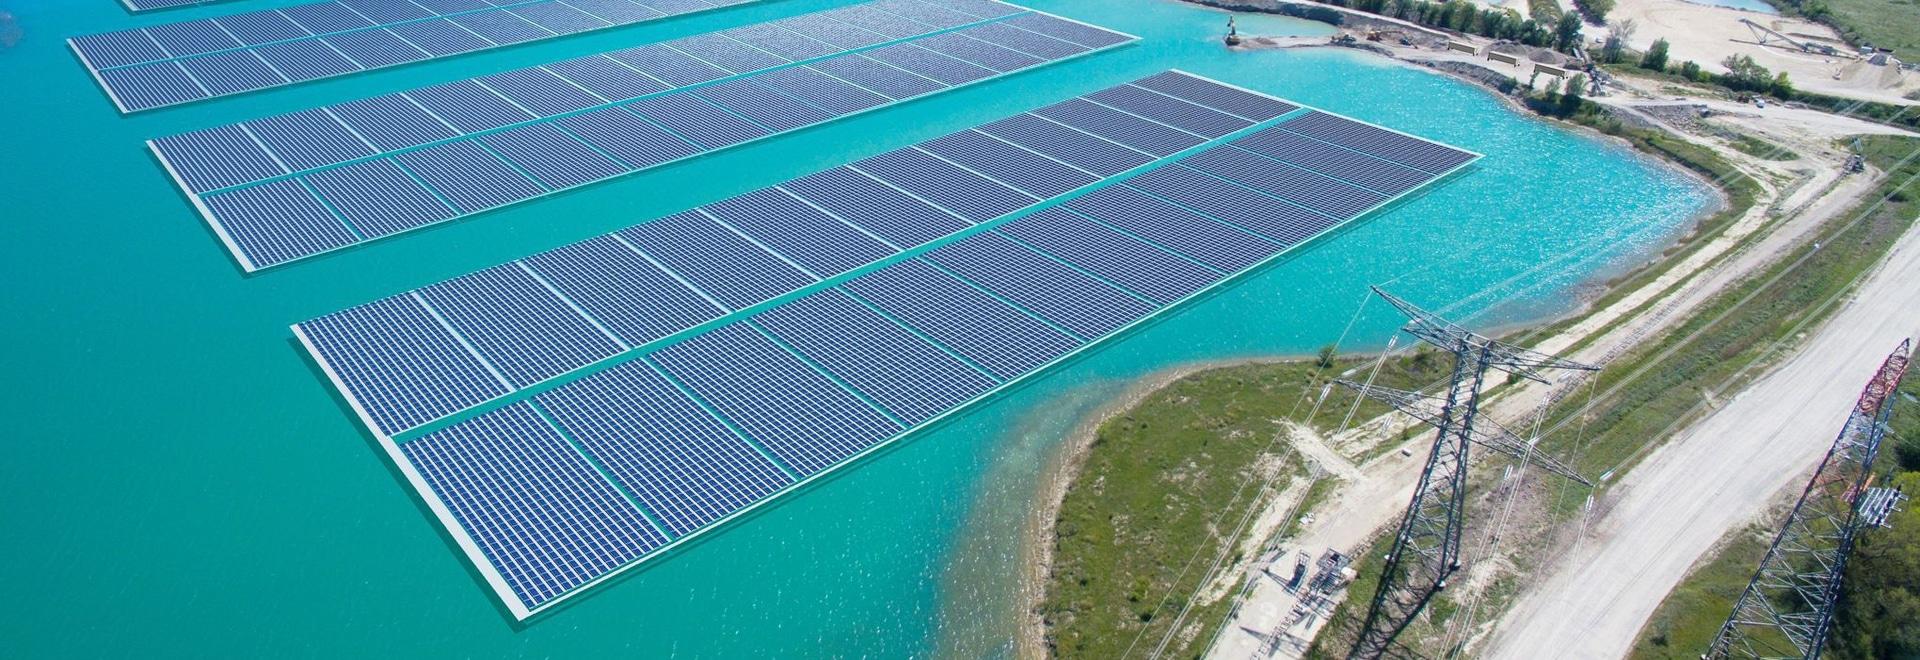 Akuo-Energie startet den Bau von 17 MW Solaranlage in Frankreich schwimmend